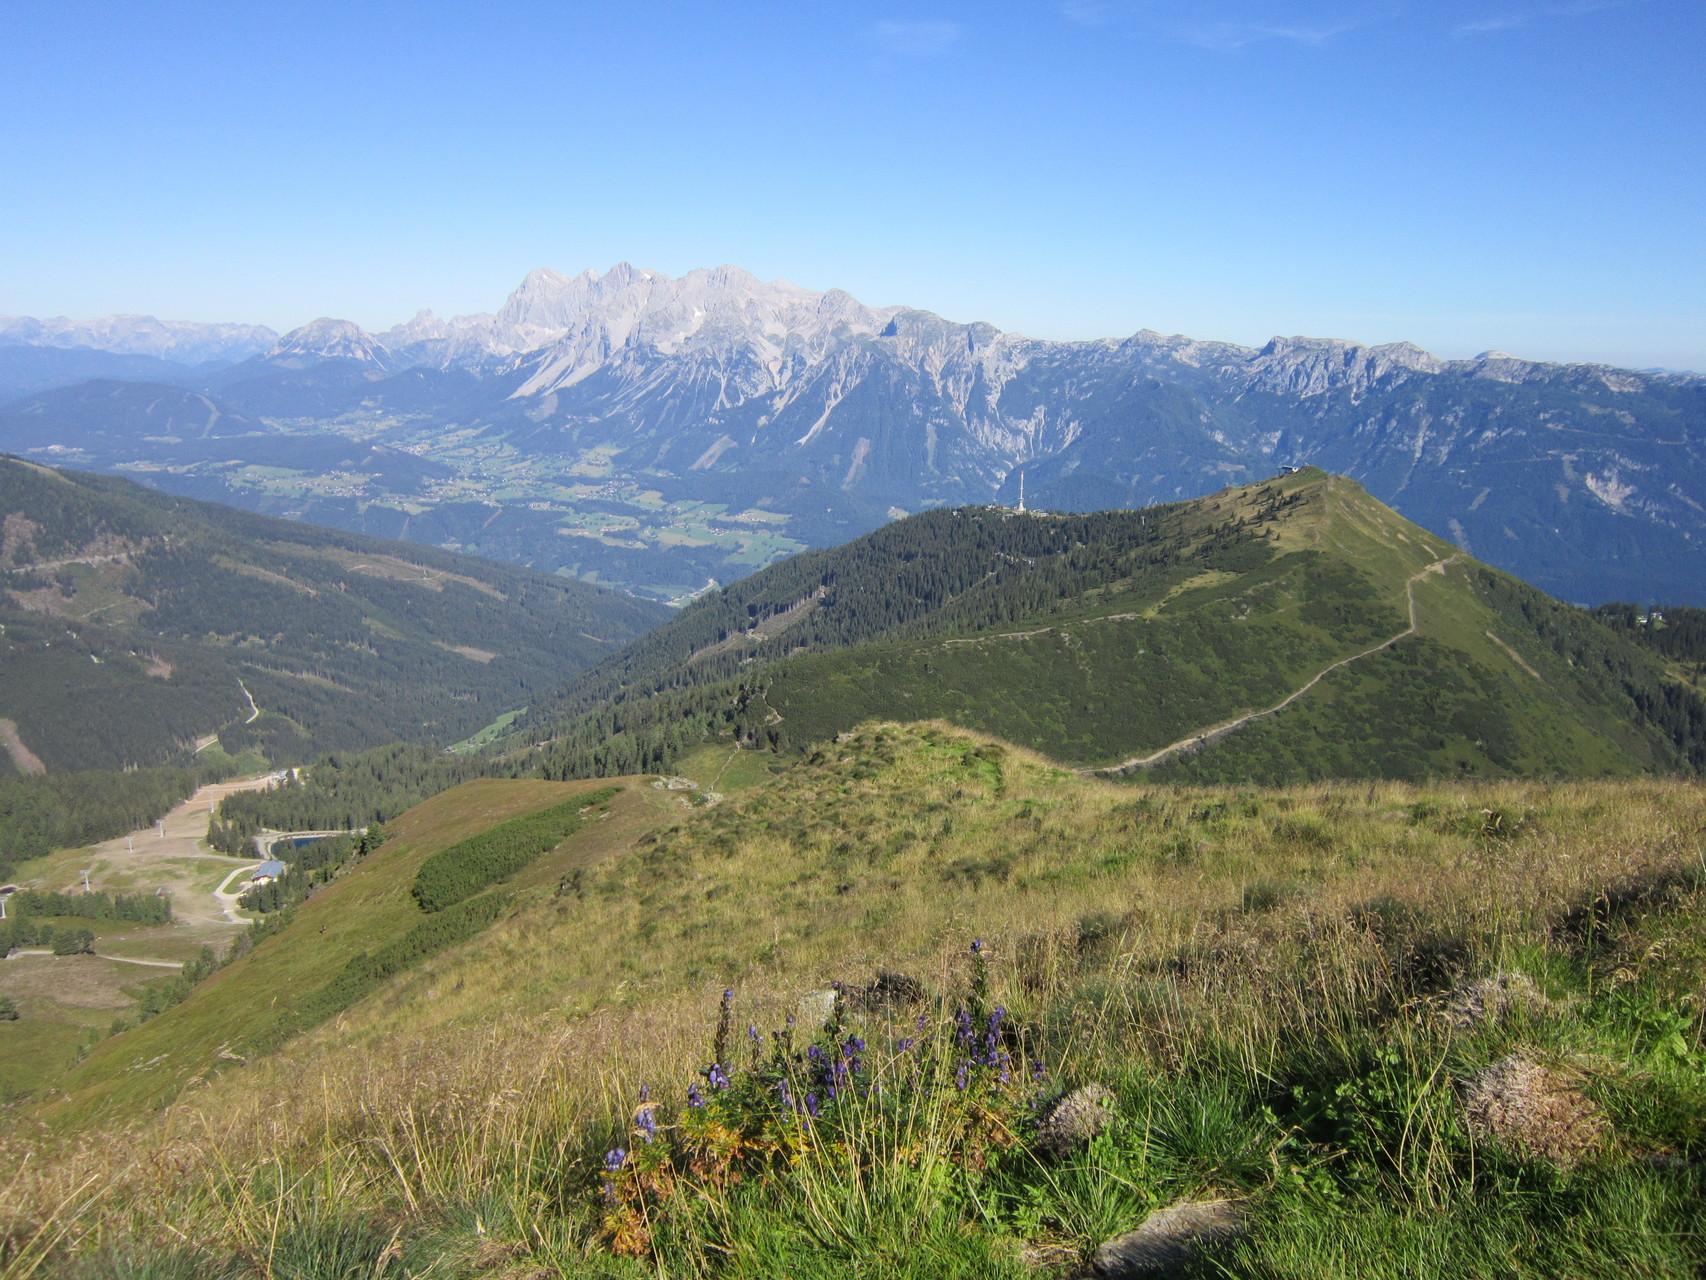 Der Hauser Kaibling, im Hintergrund das Dachstein Gebirge